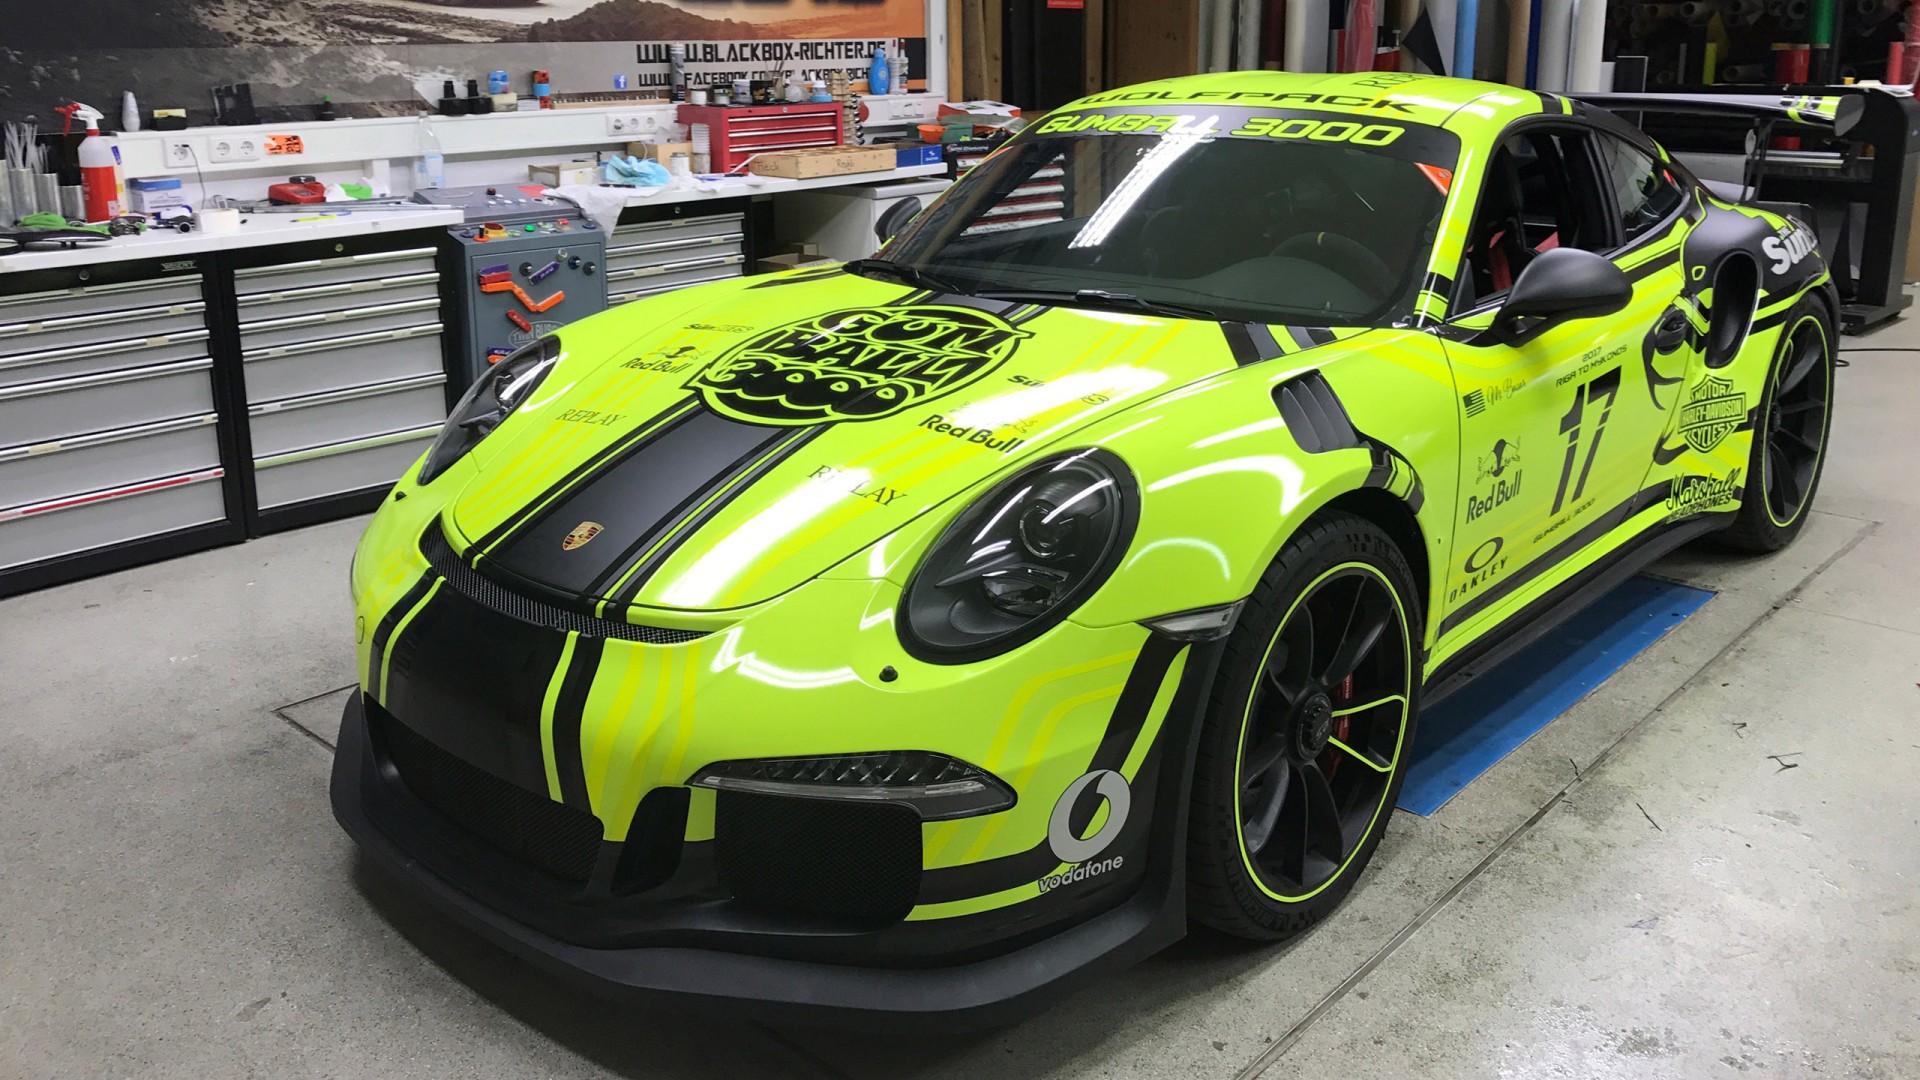 Black Jaguar Cars Wallpapers Hd 2017 Black Box Porsche 911 Gt3 Rs Wallpaper Hd Car